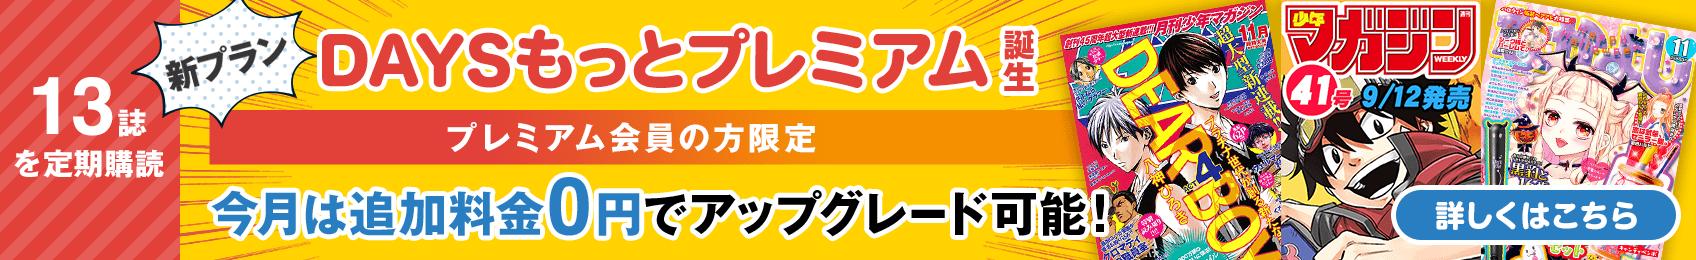 新プランDAYSもっとプレミアム誕生!今月は追加料金0円でアップグレード可能!